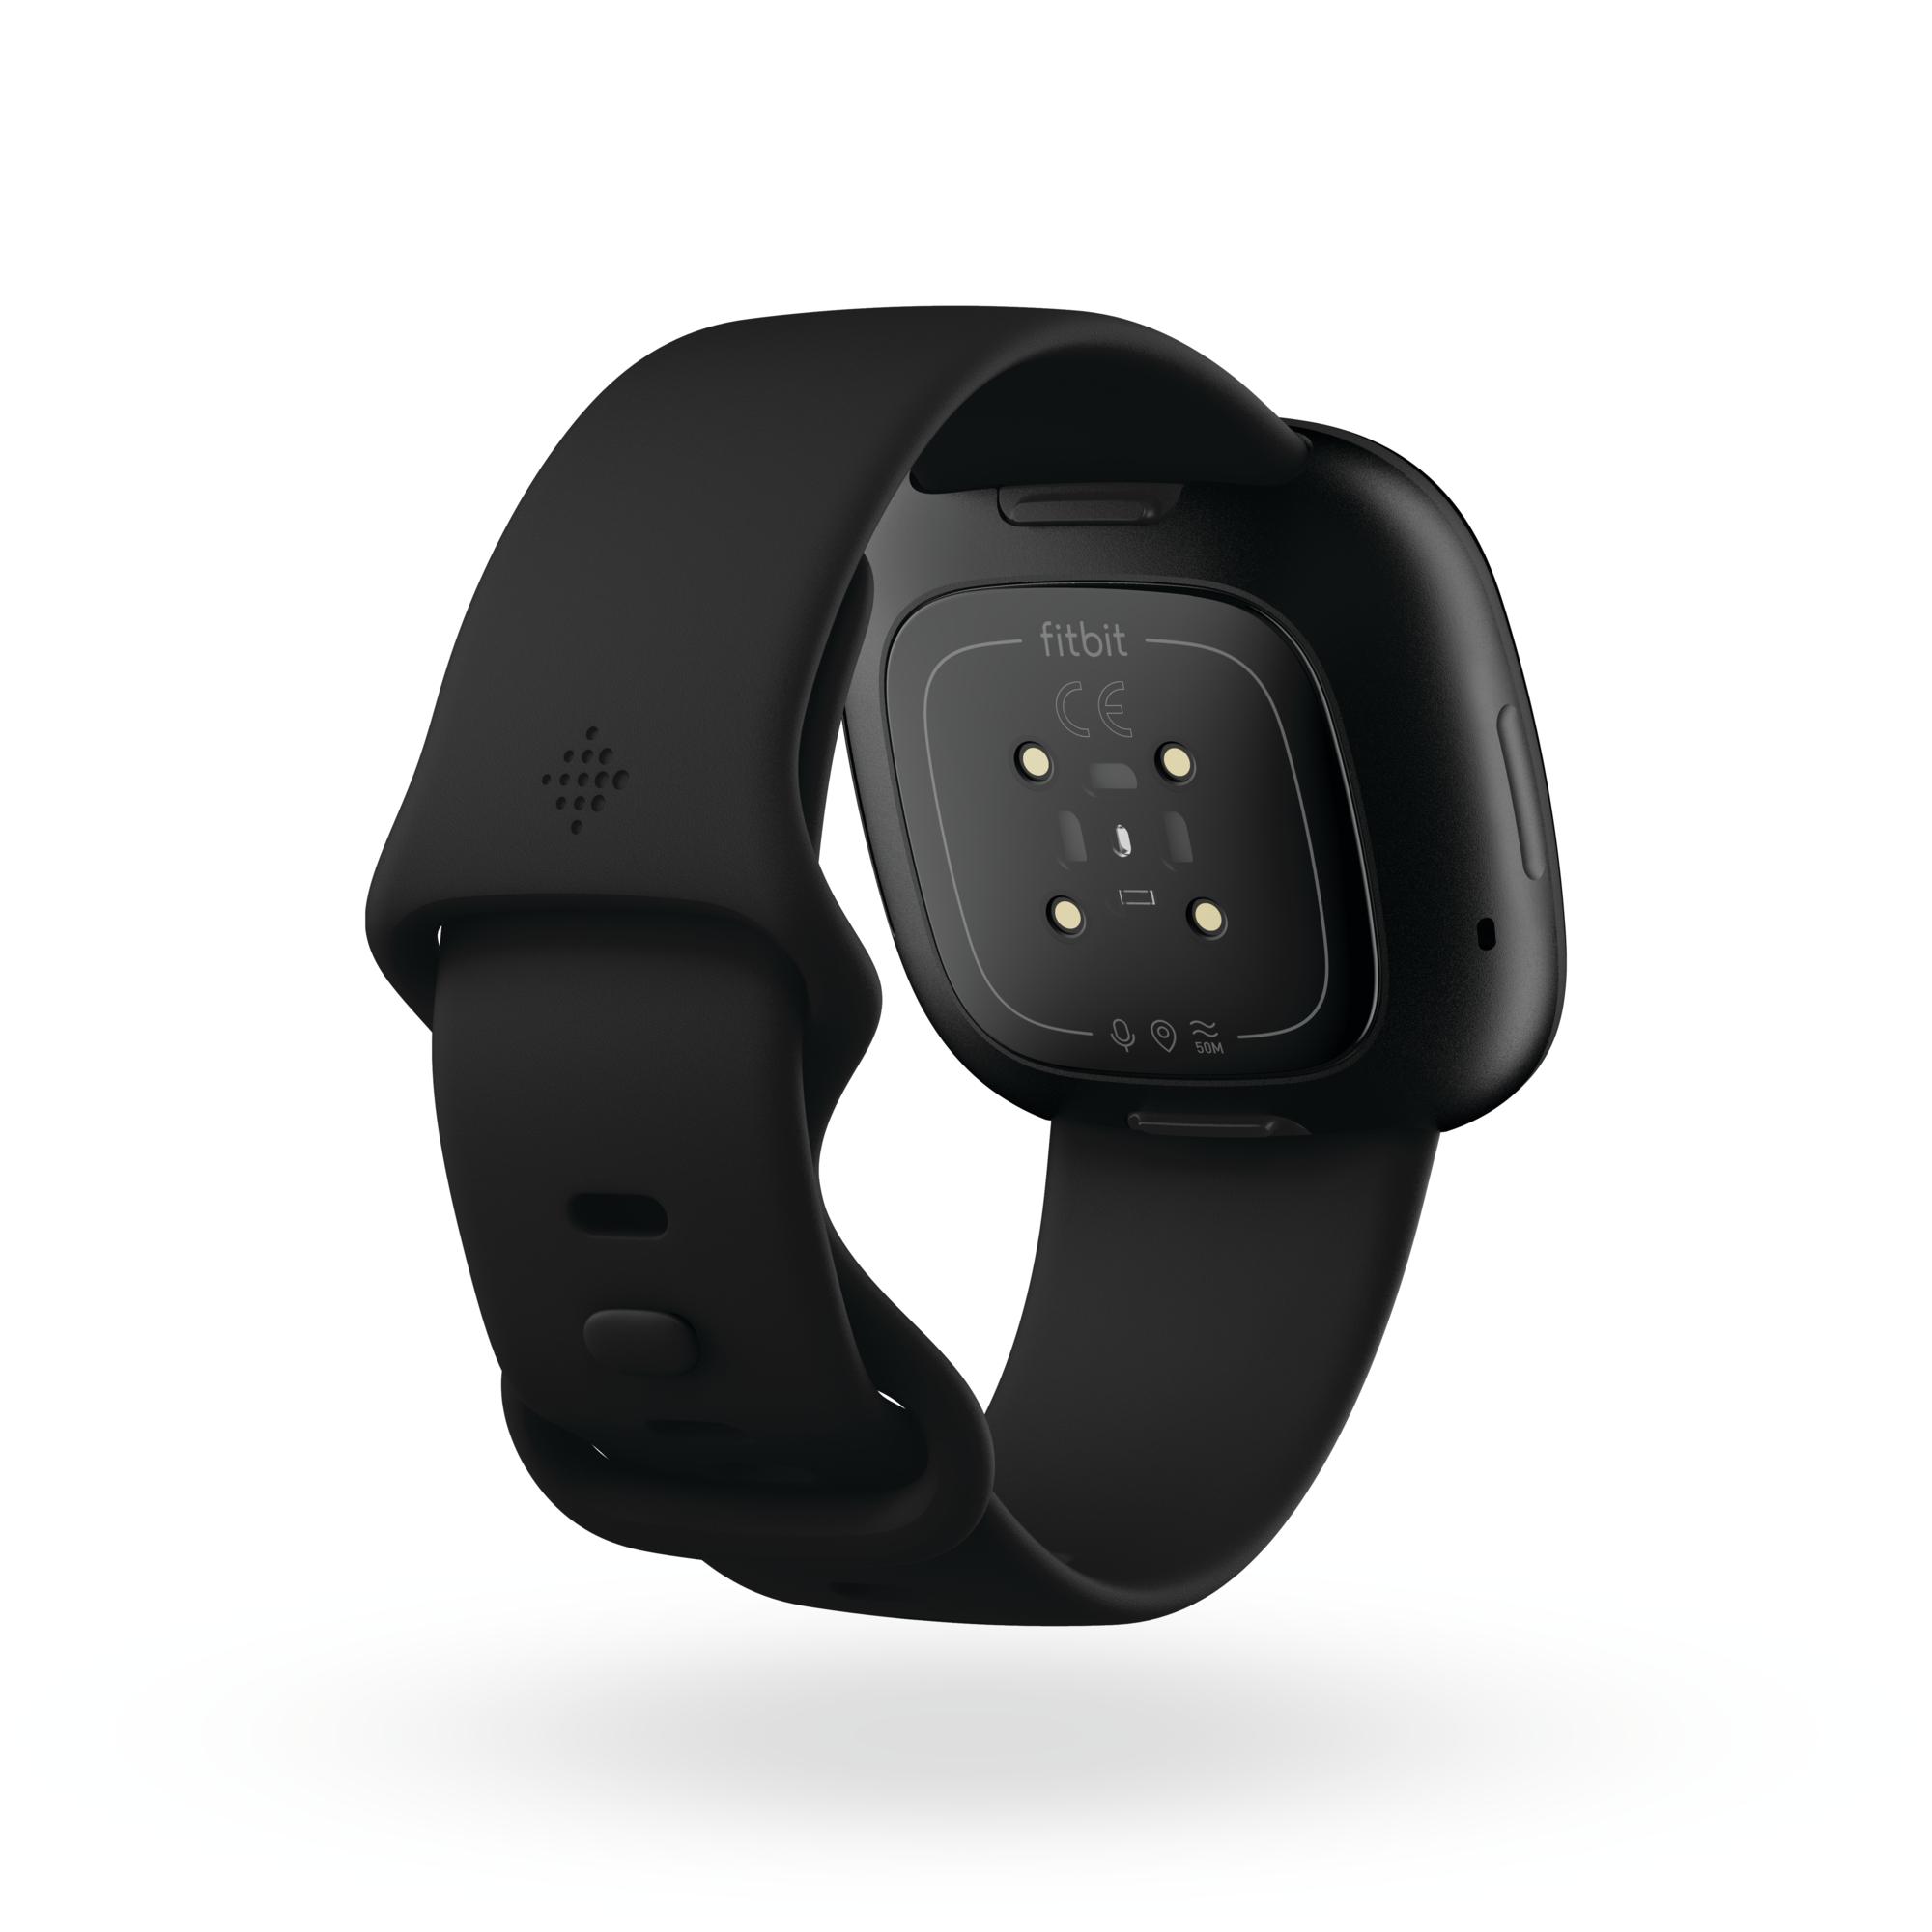 Fitbit prezentuje trzy nowe urządzenia. Gratka dla fanów dbania o zdrowie 20 Fitbit